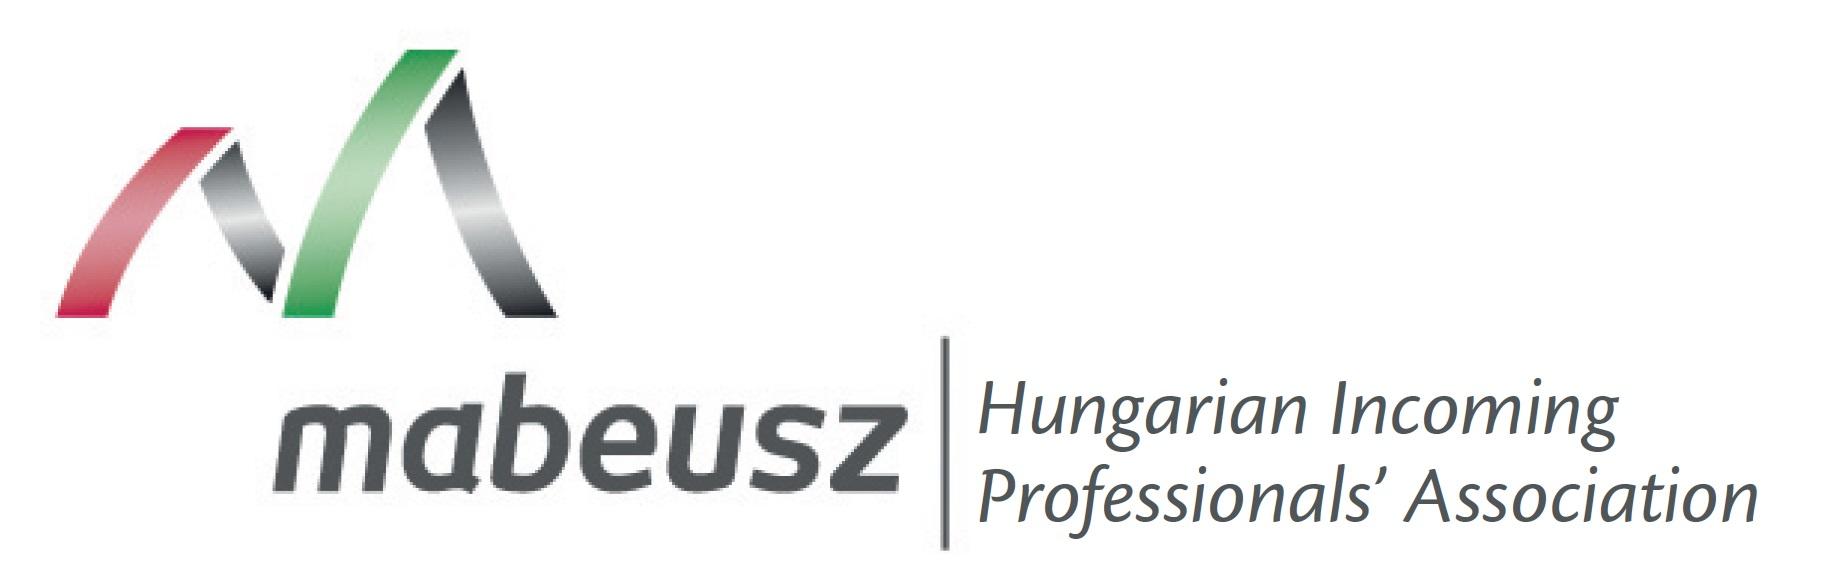 1.1.mabeusz angol logo